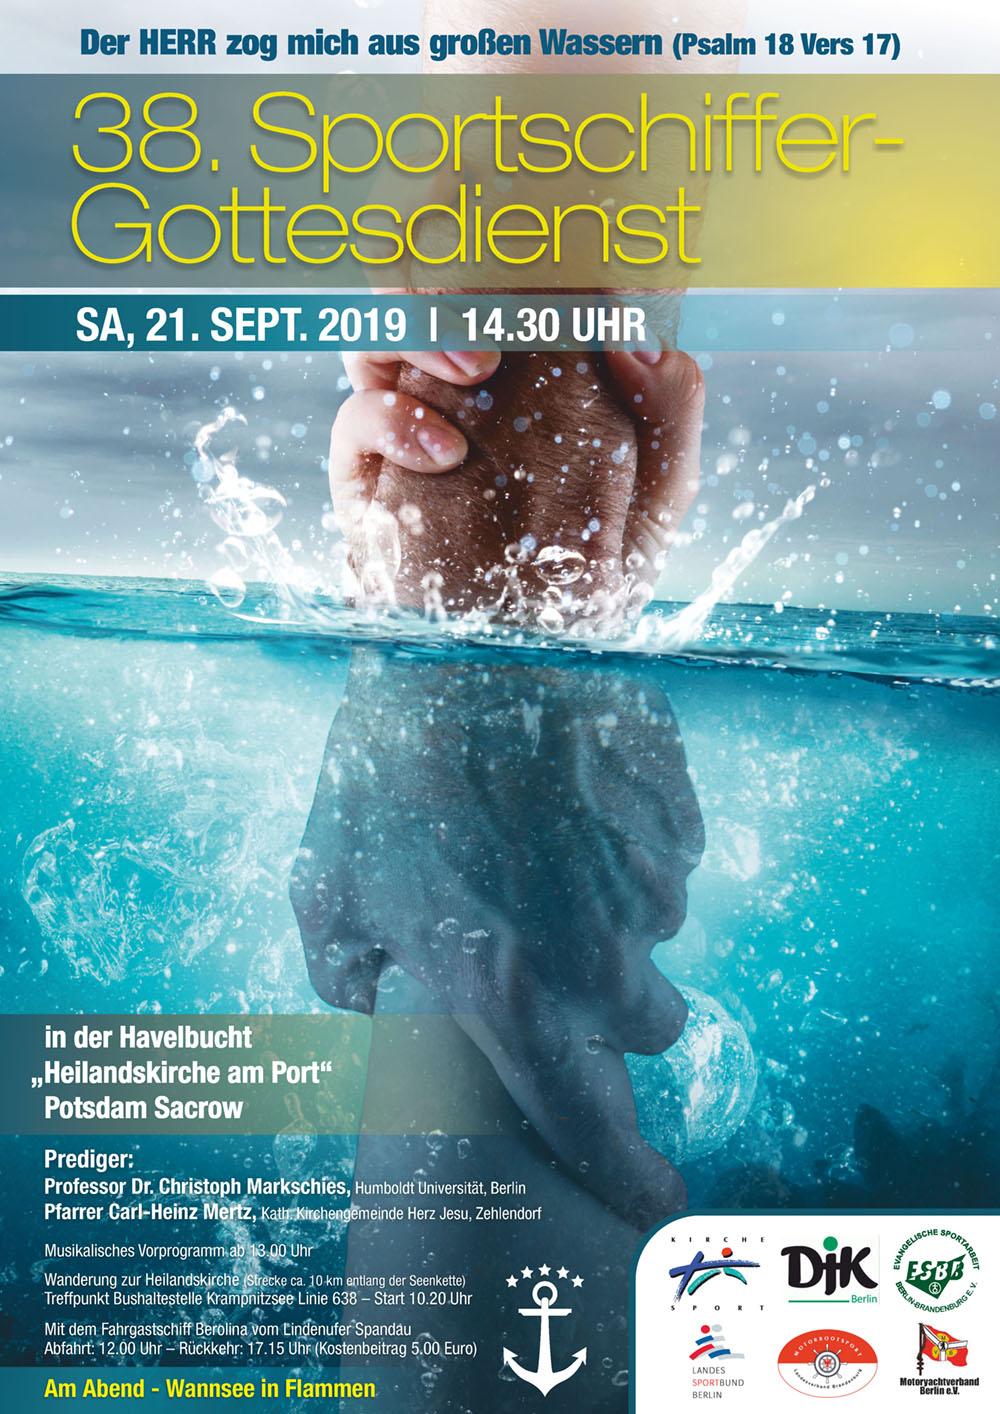 Sportschiffer-Gottesdienst am 21.09.2019